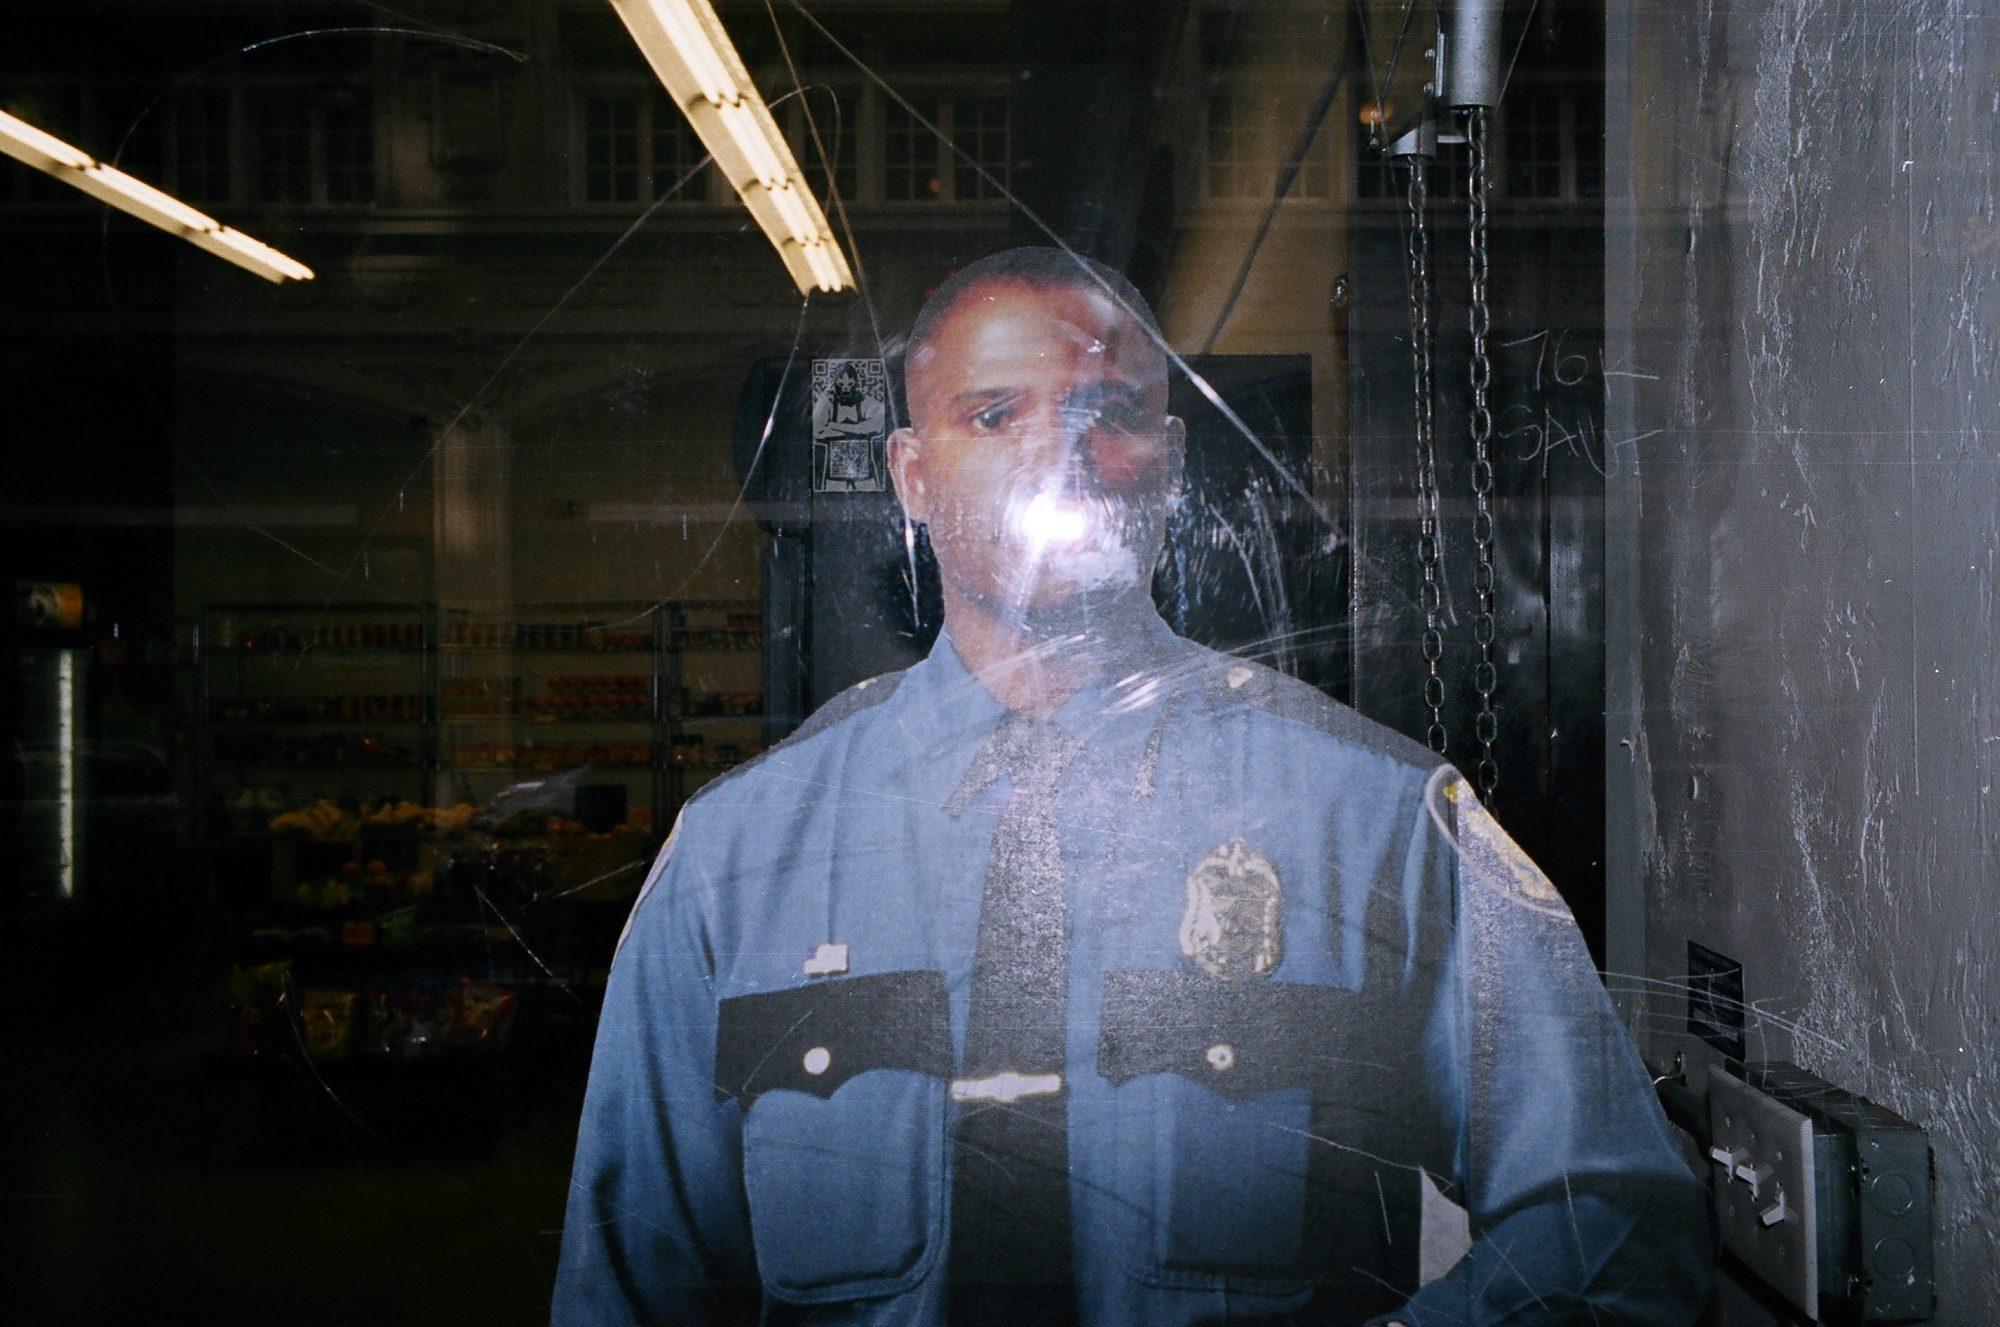 Black cop cutout with flash. Downtown la, 2014